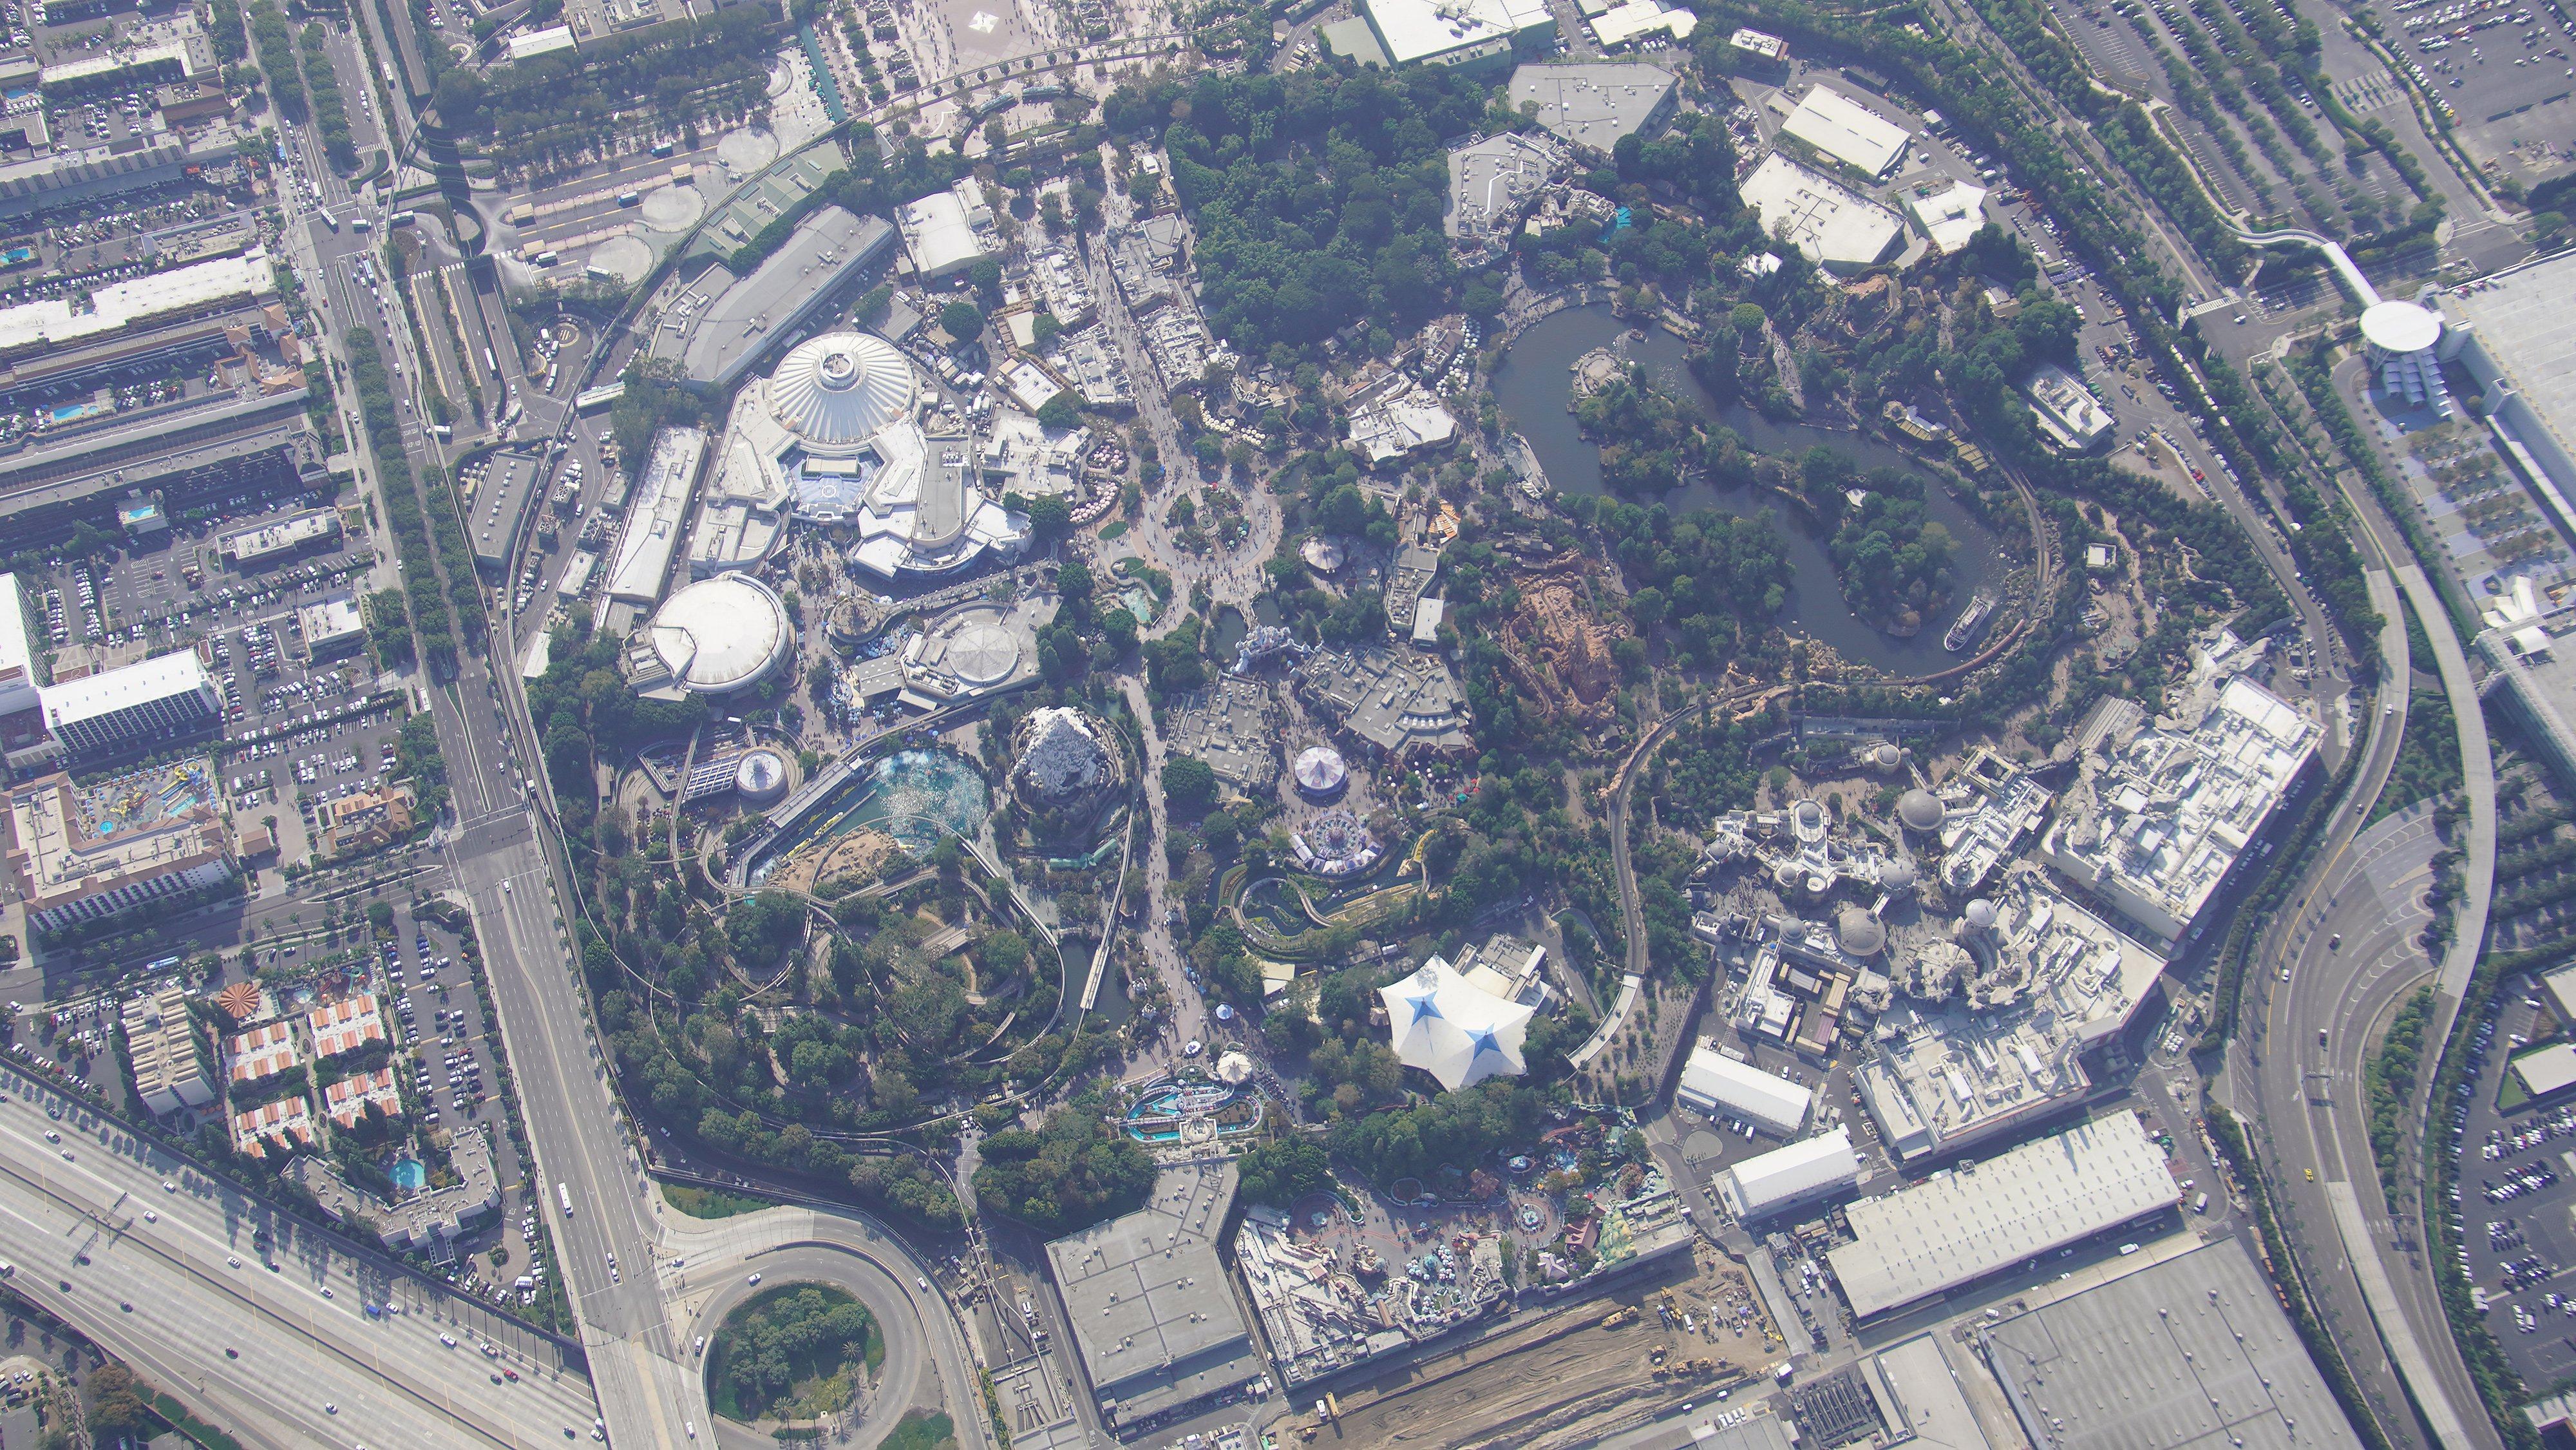 Disneyland Resort vu du ciel, des images sublimes! EJaYxVzU4AYxlt-?format=jpg&name=4096x4096